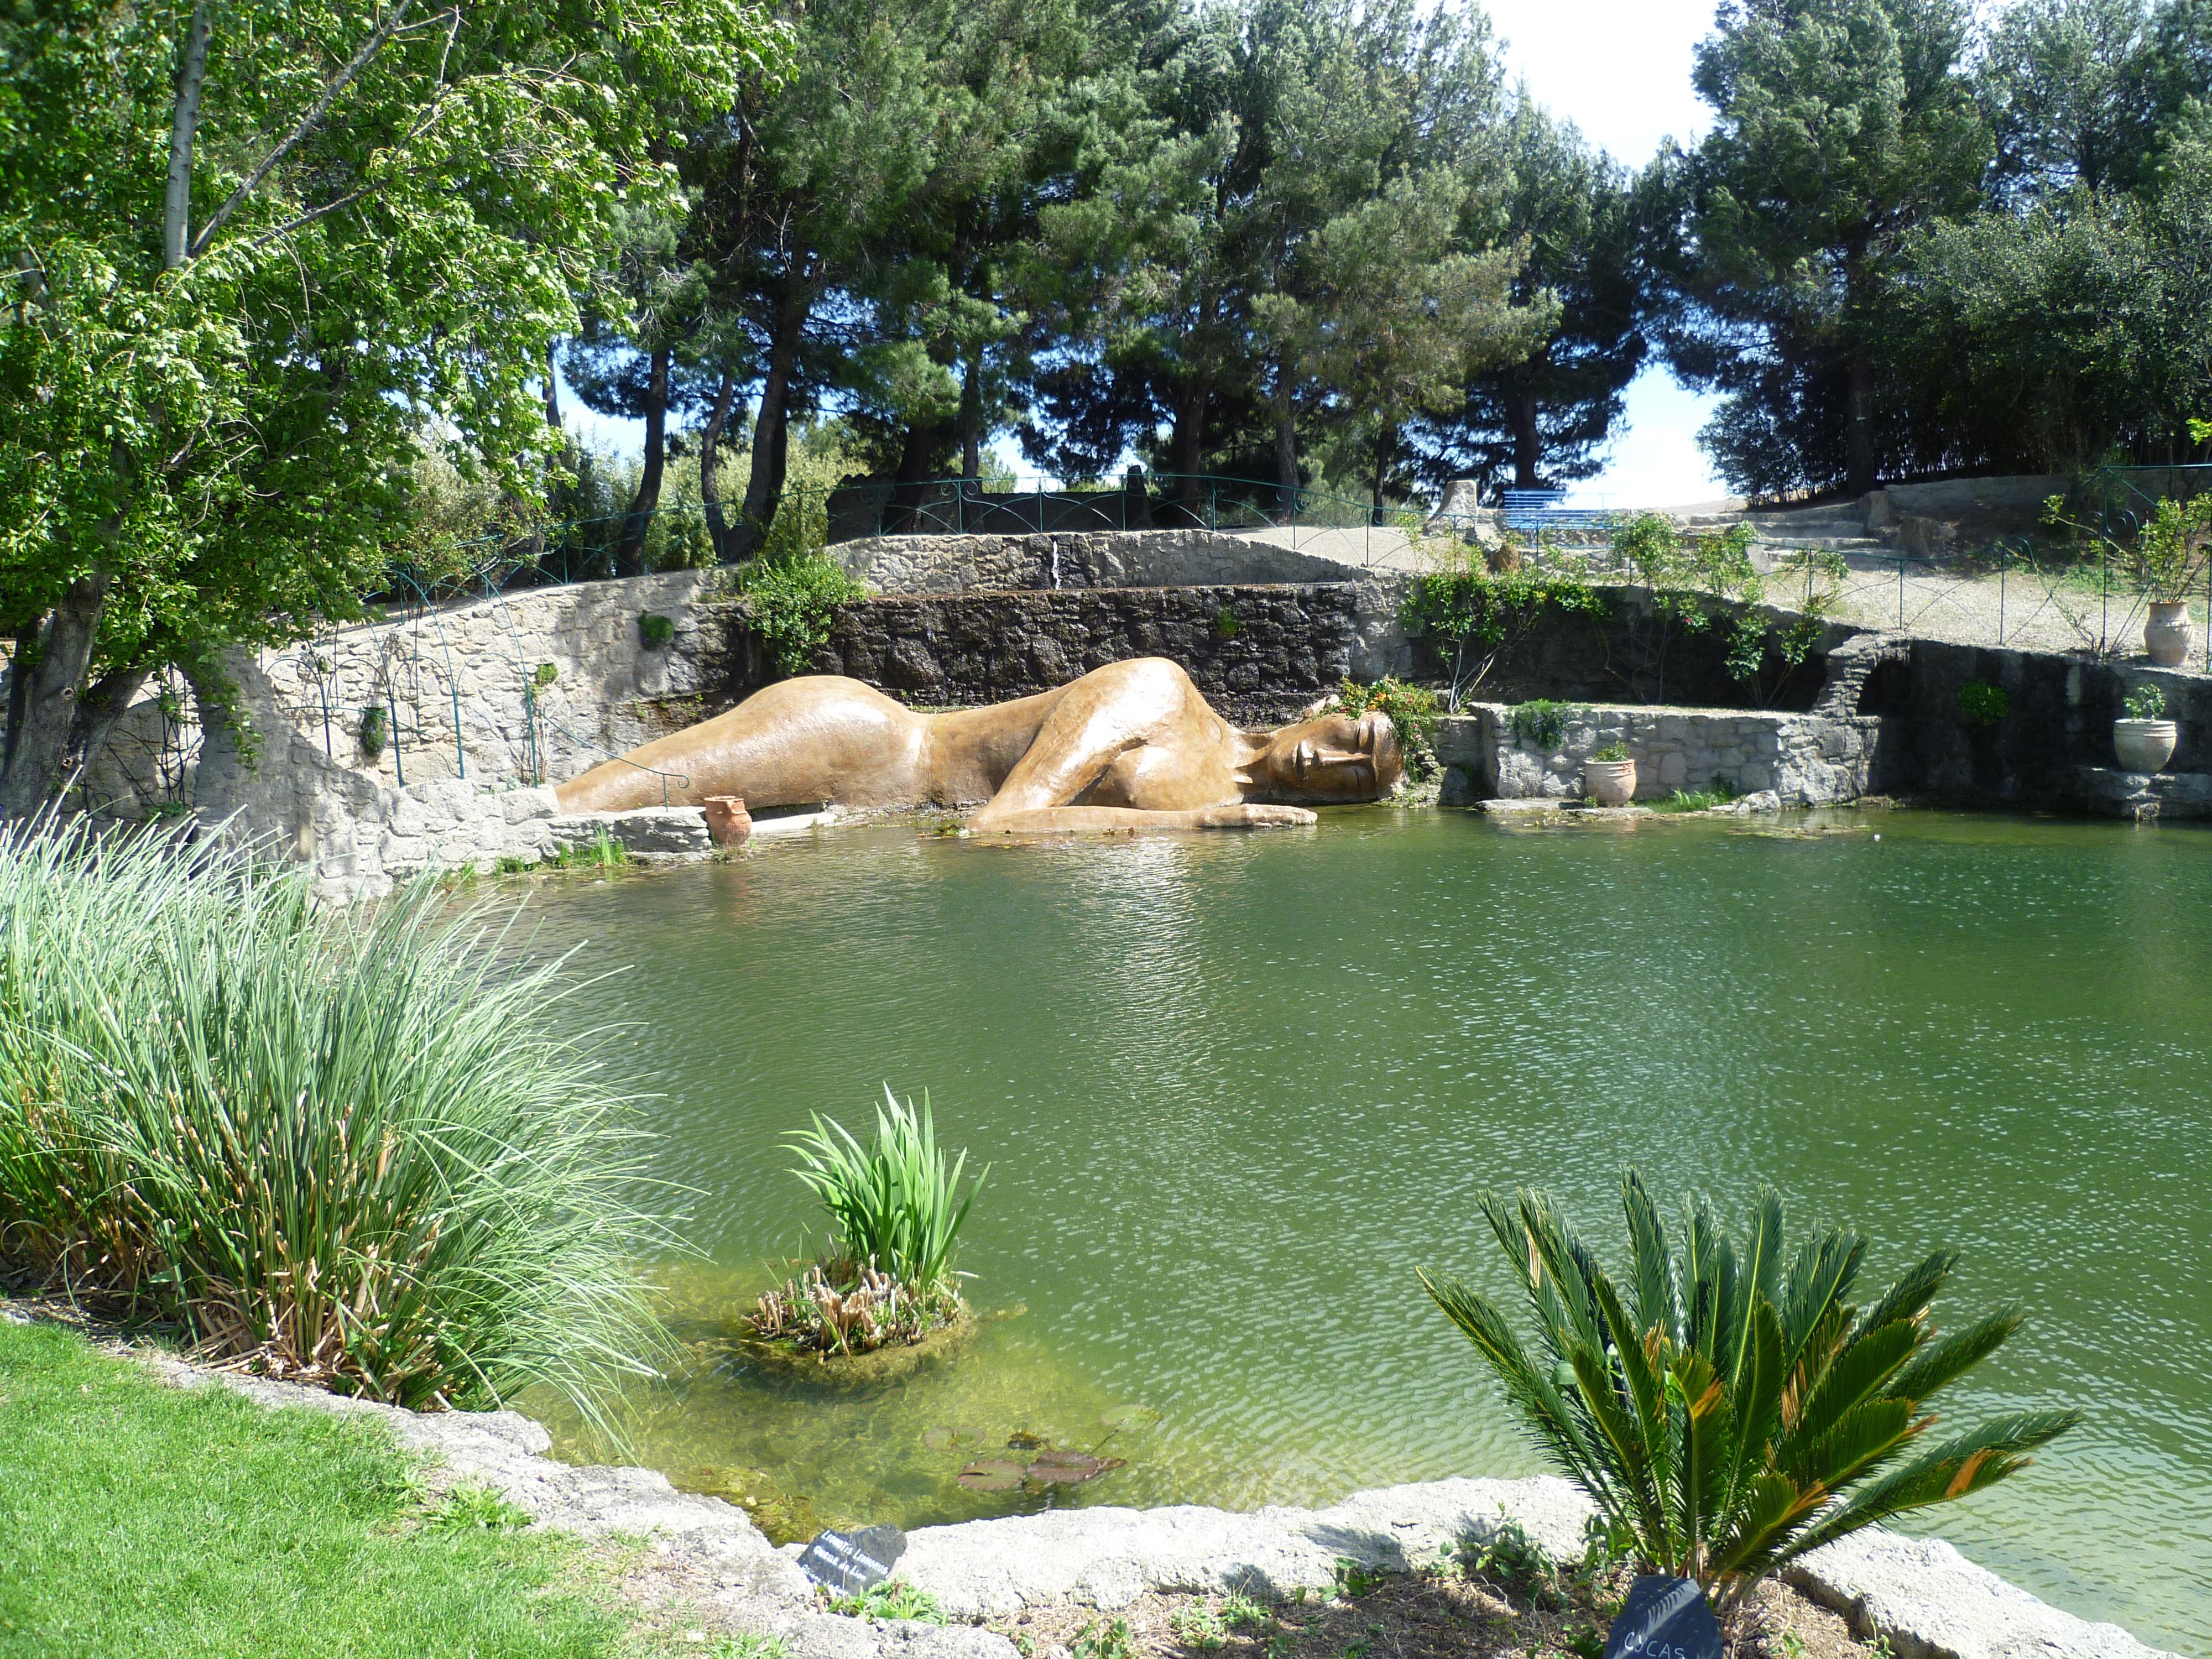 Palmares du challenge des blogueuses 2012 blog senioriales - Les jardins de saint adrien ...